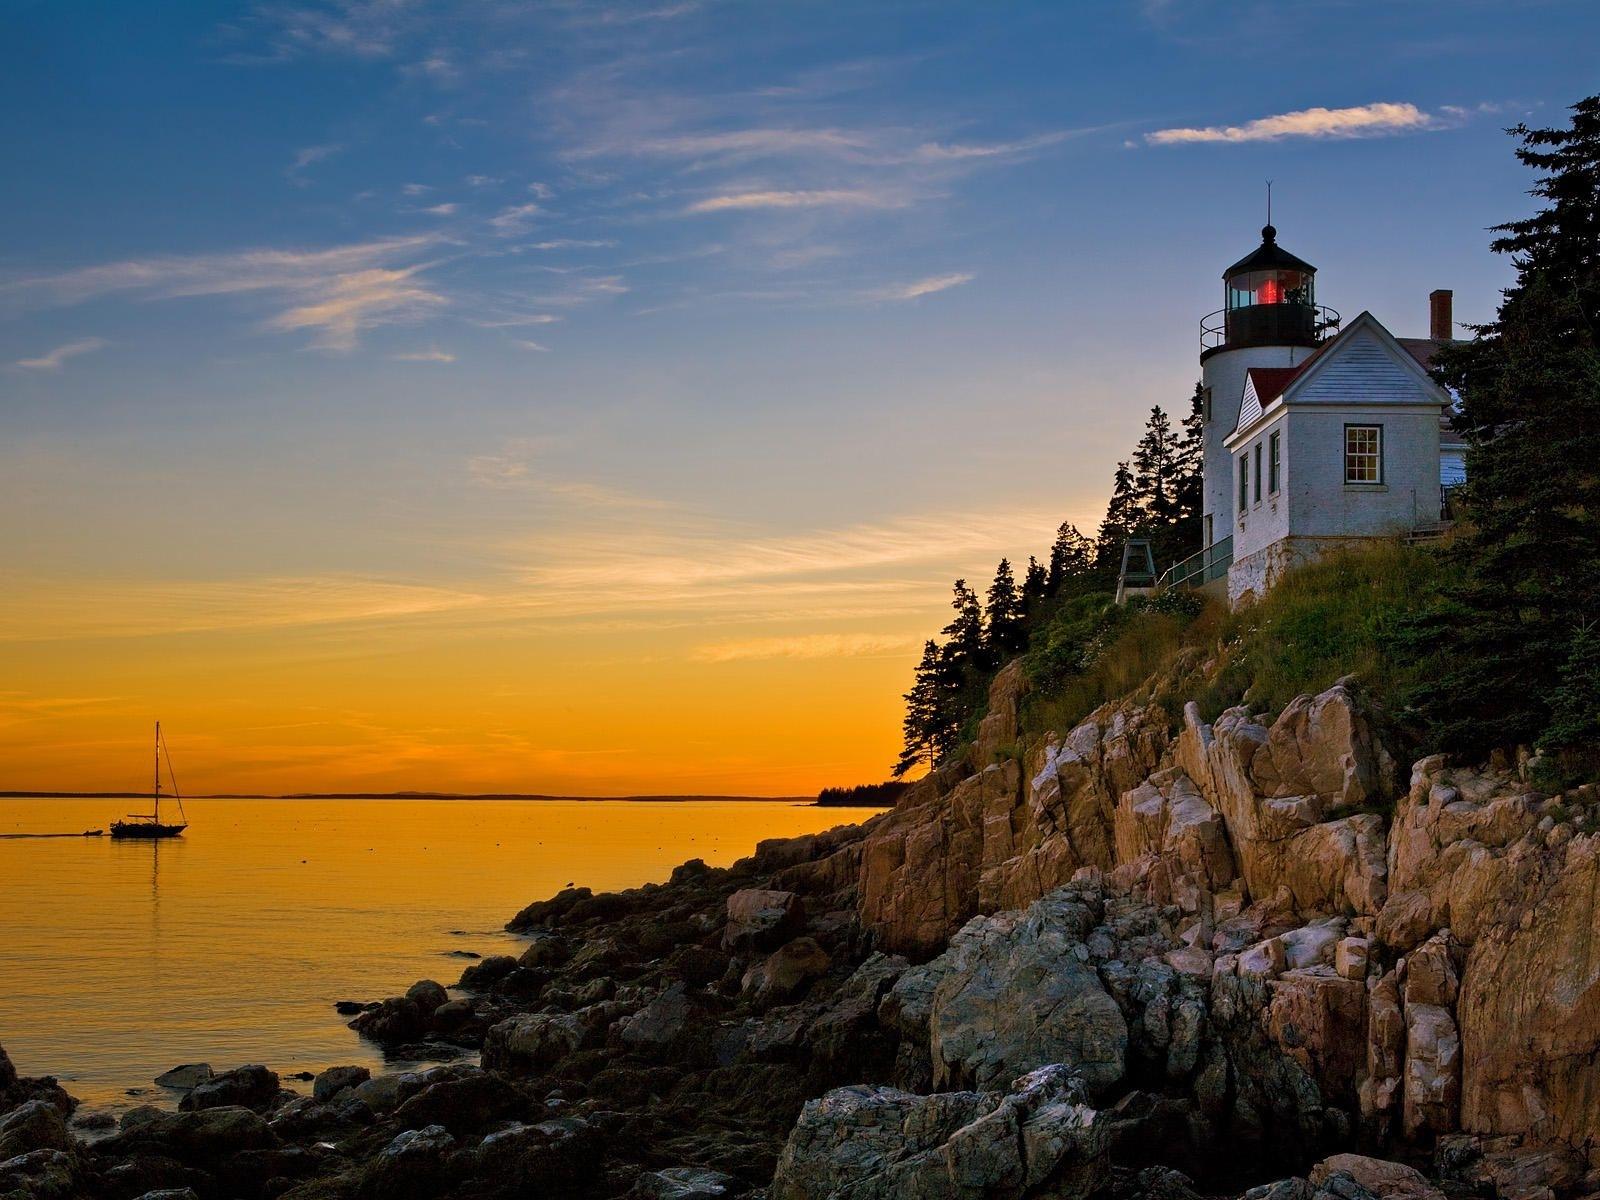 bass harbor lighthouse acadia national park maine us | maine